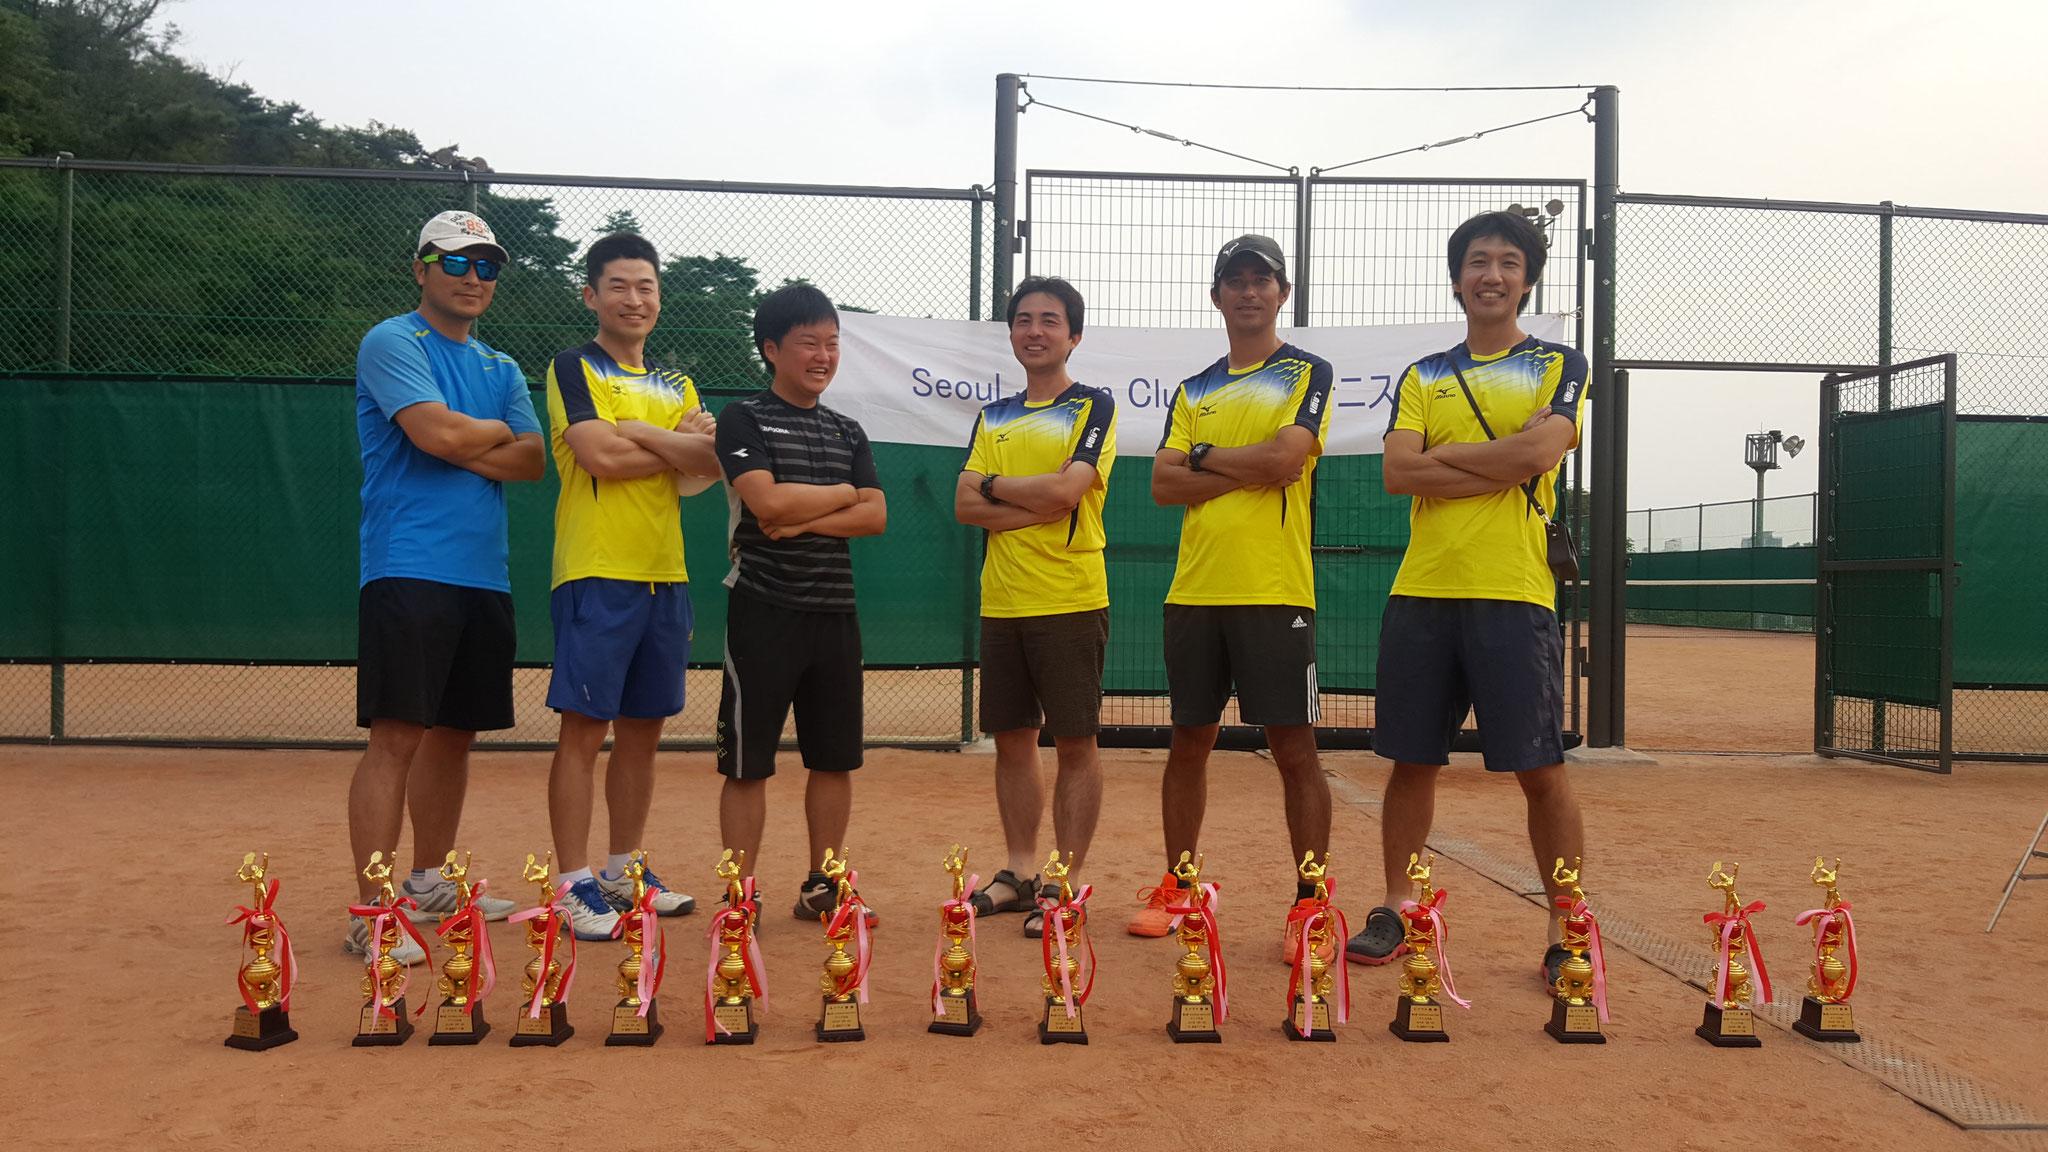 Aクラス・チーム 疾風迅雷 準優勝おめでとうございます!